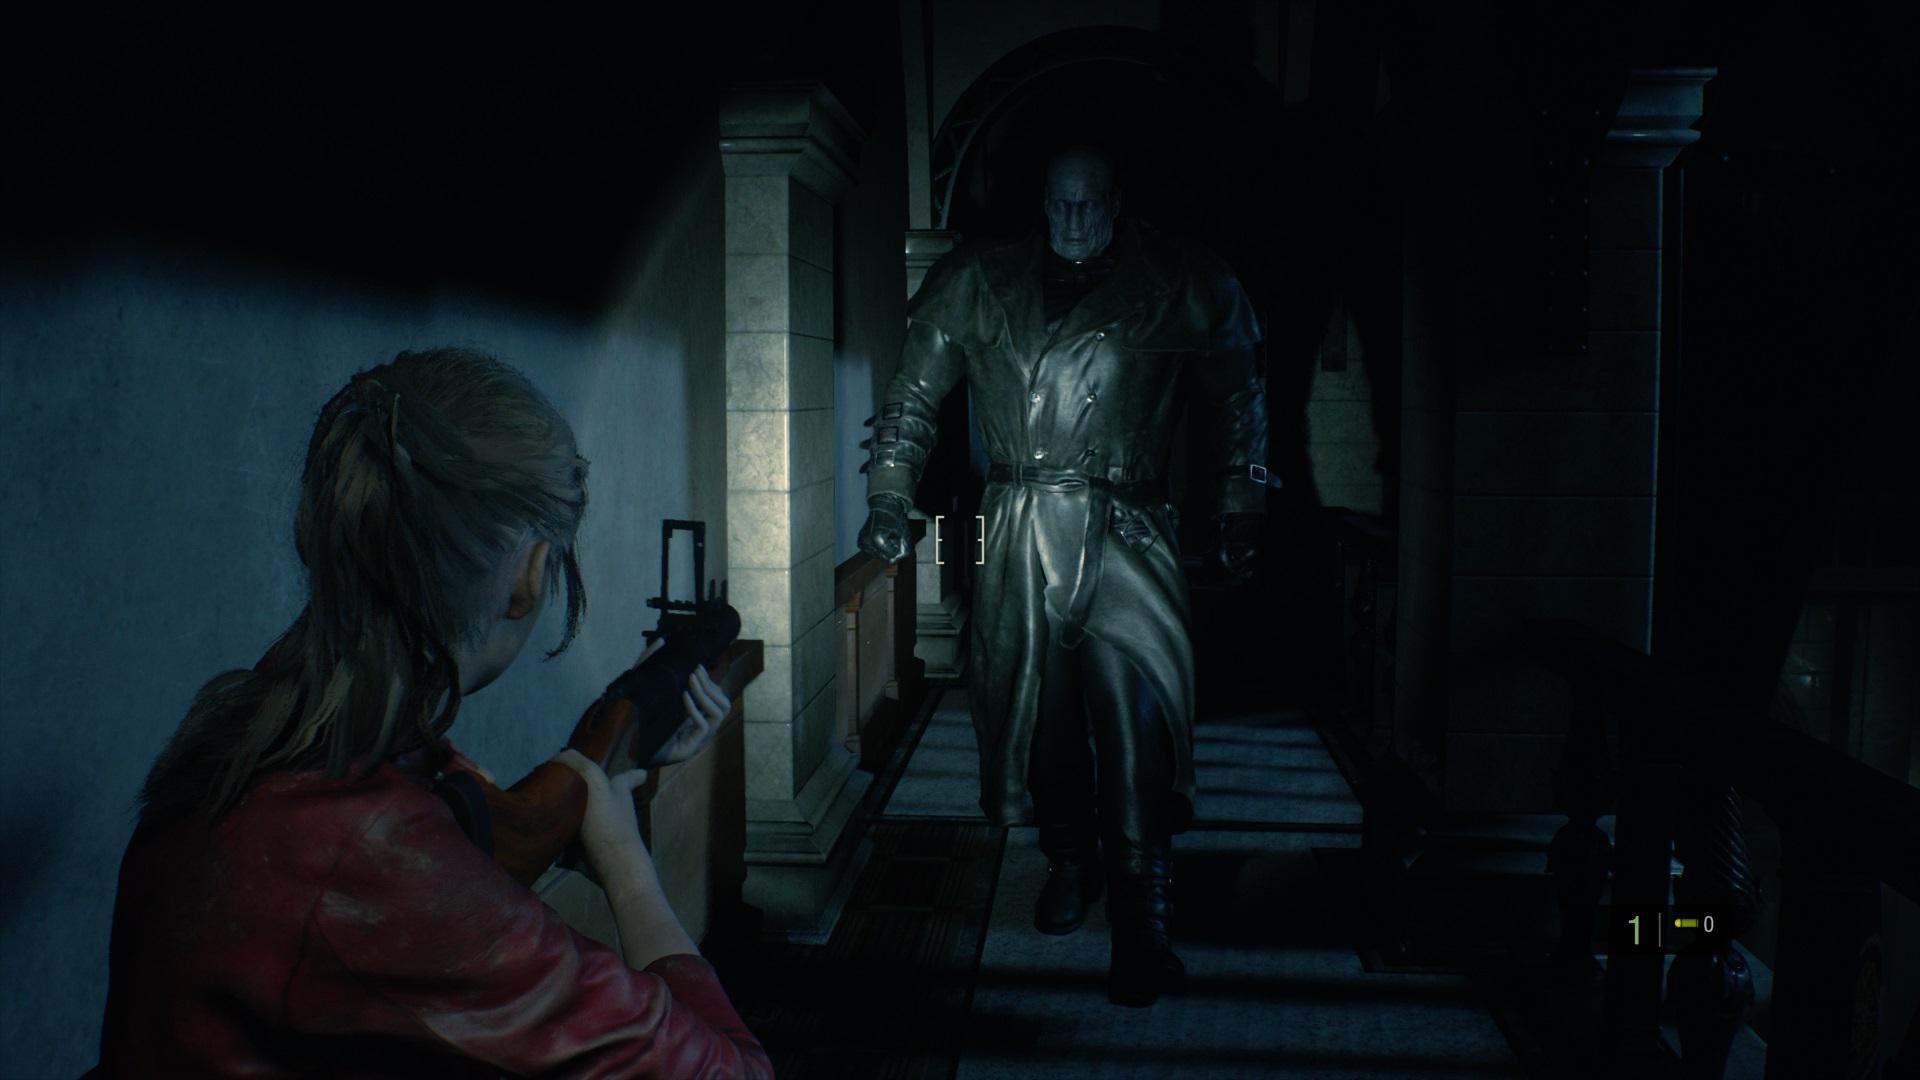 Leon Resident Evil K Wallpapers Top Free Leon Resident Evil K